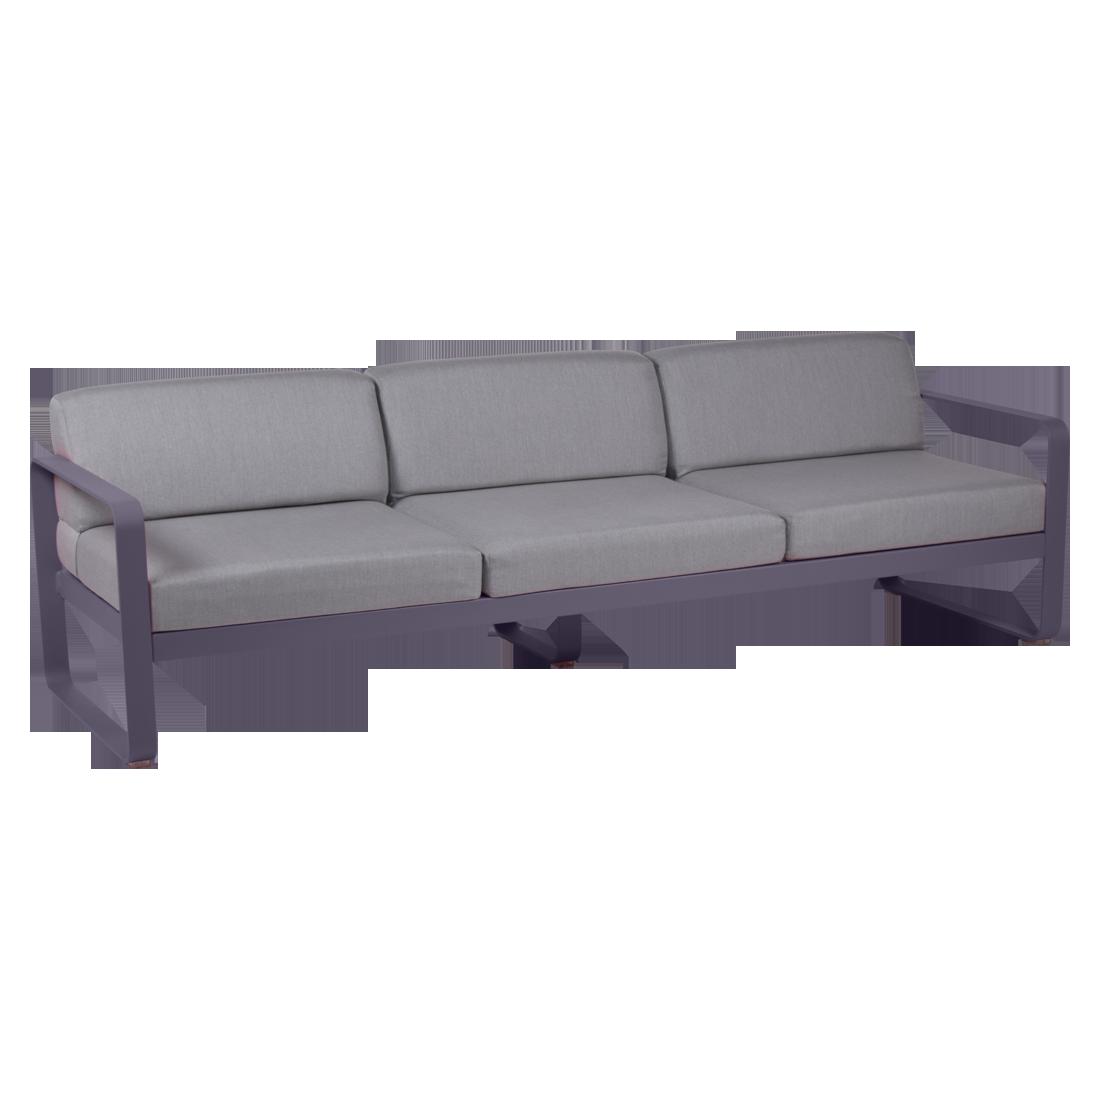 canape de jardin, canape d exterieur, canape fermob, canape metal, canape violet